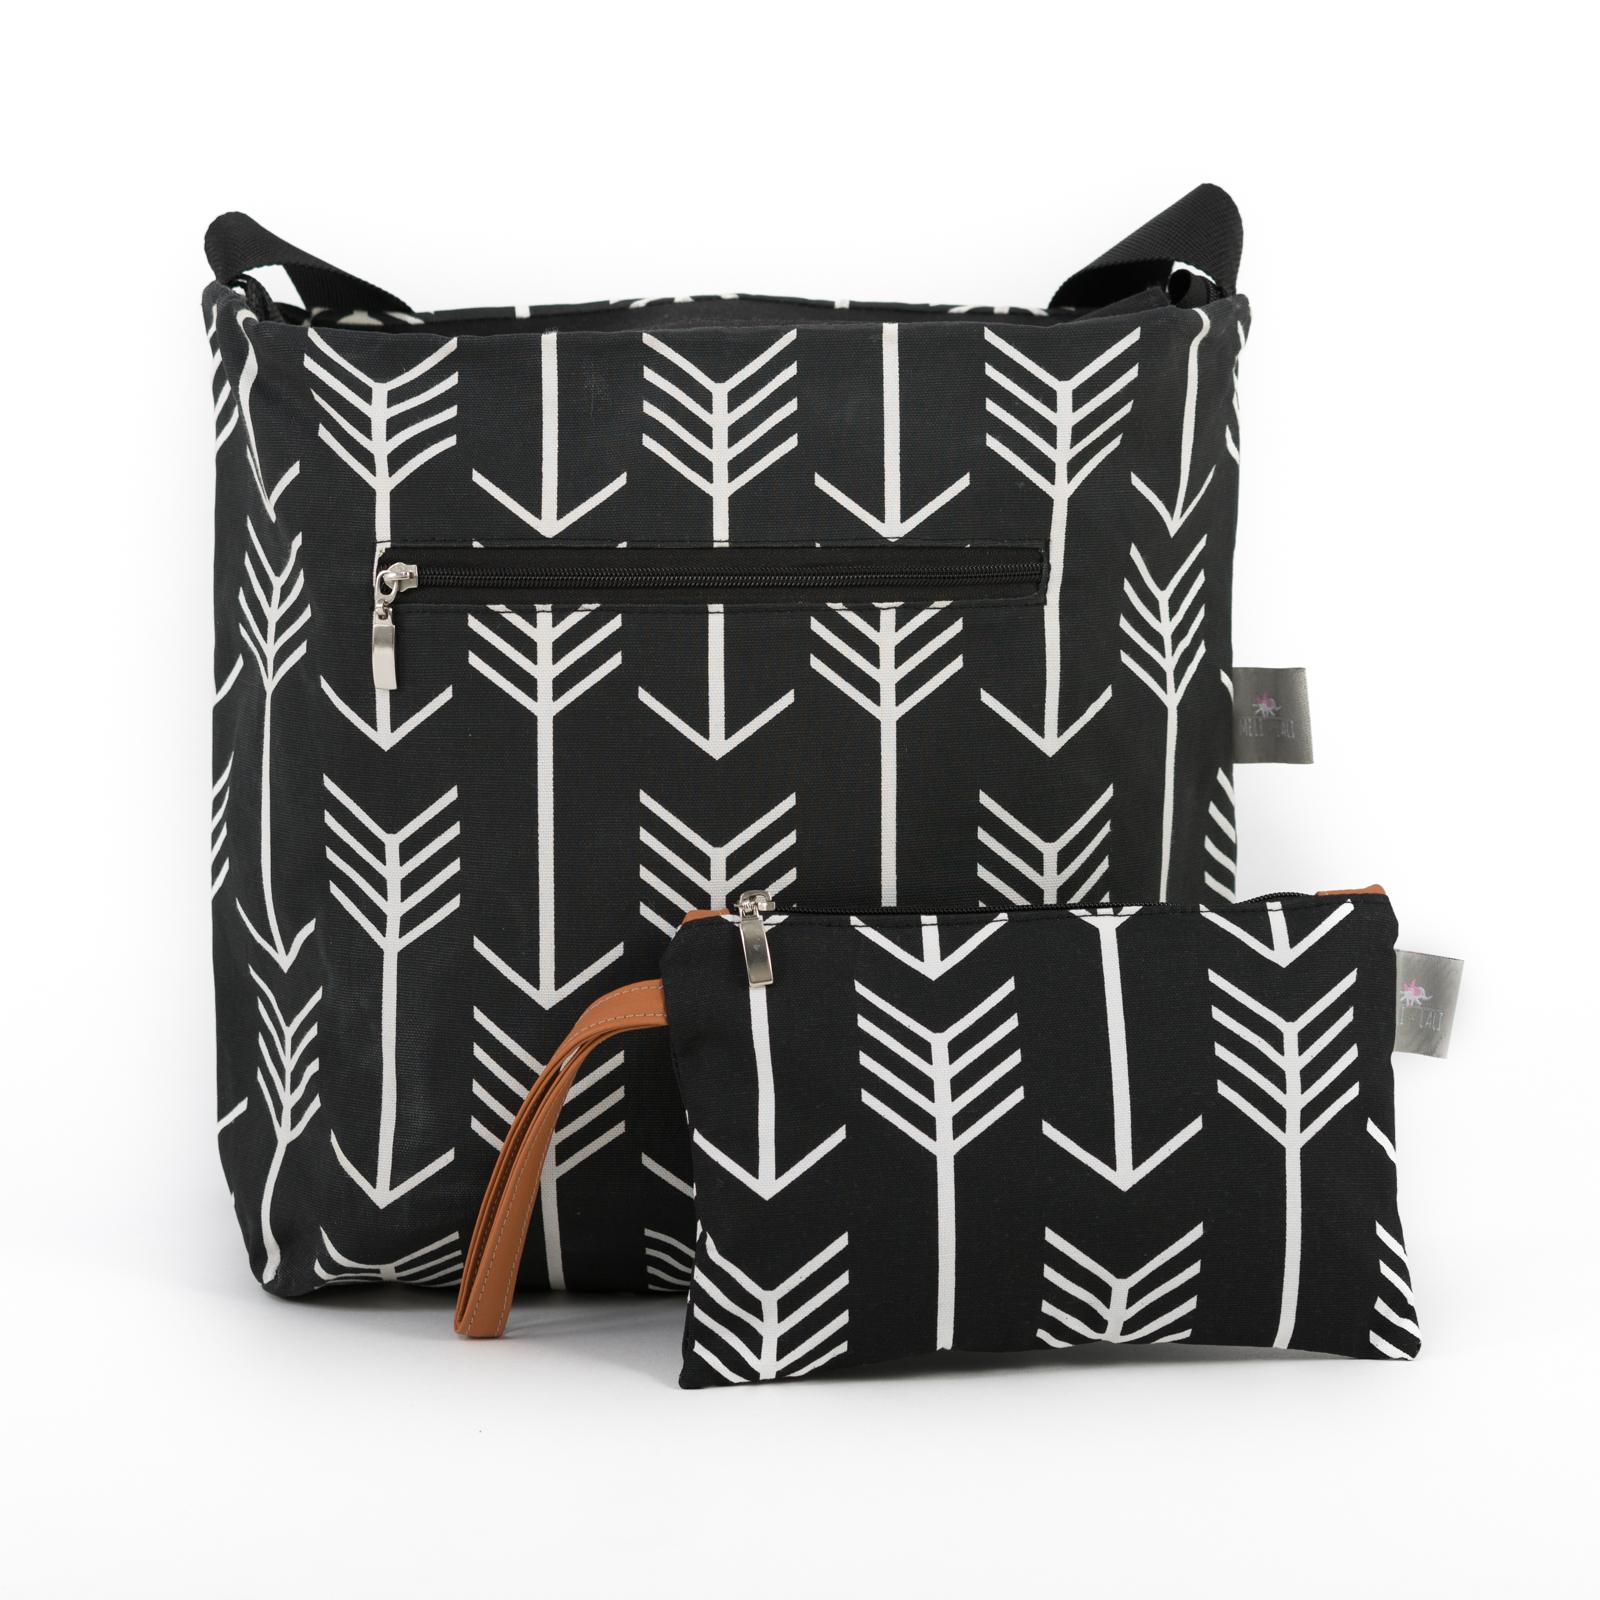 meli2 - Los 5 mejores bolsos para carritos de bebé